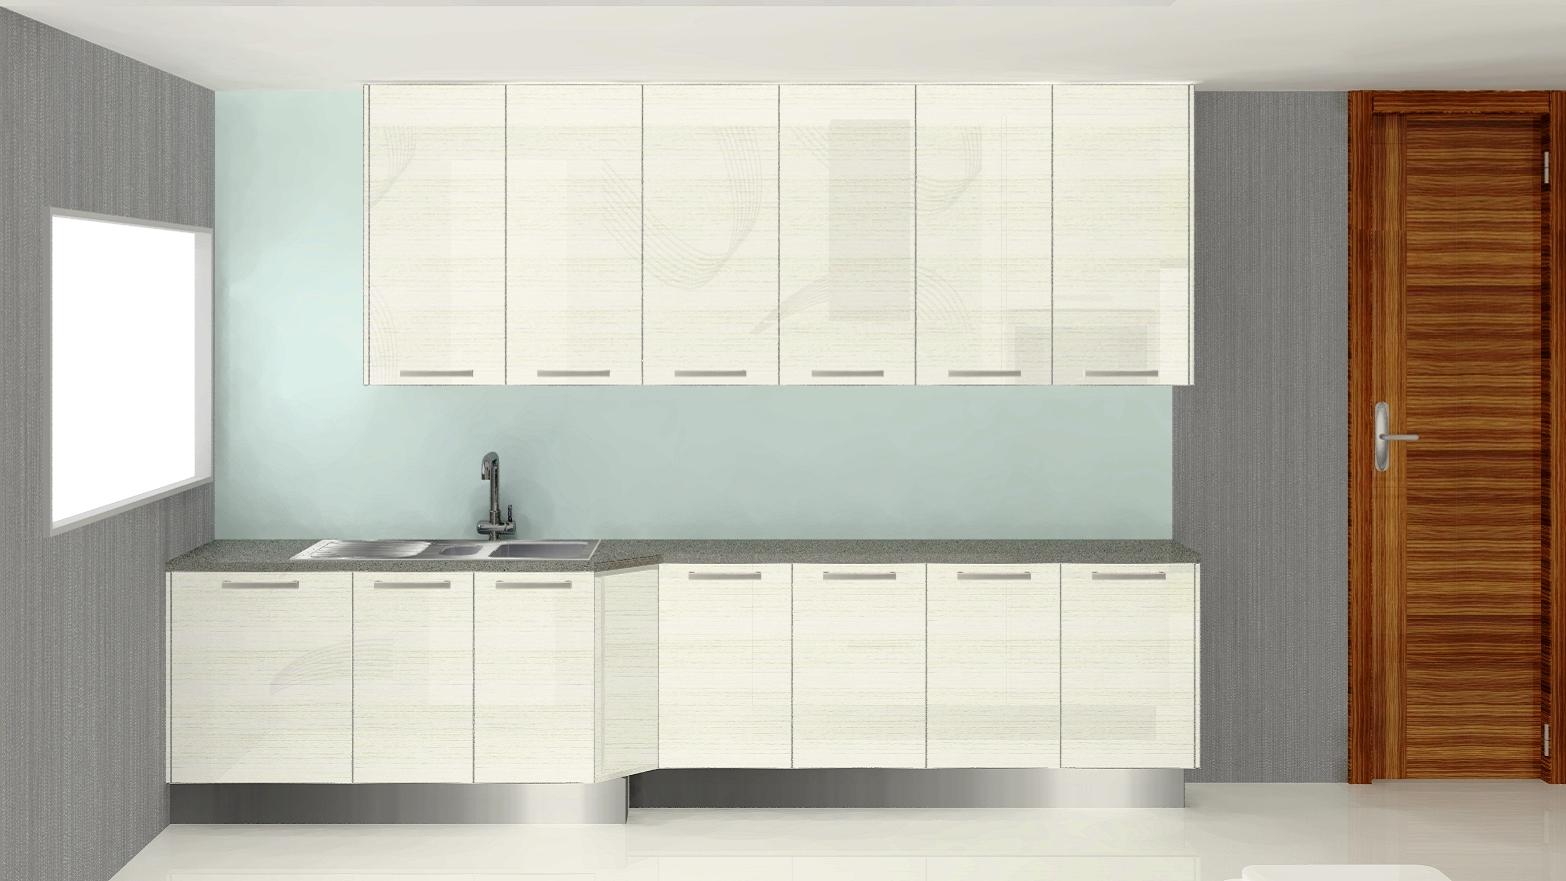 Coziper f brica de cozinhas e m veis de banho projectamos suas cozinhas em 3d - Paredes lacadas ...